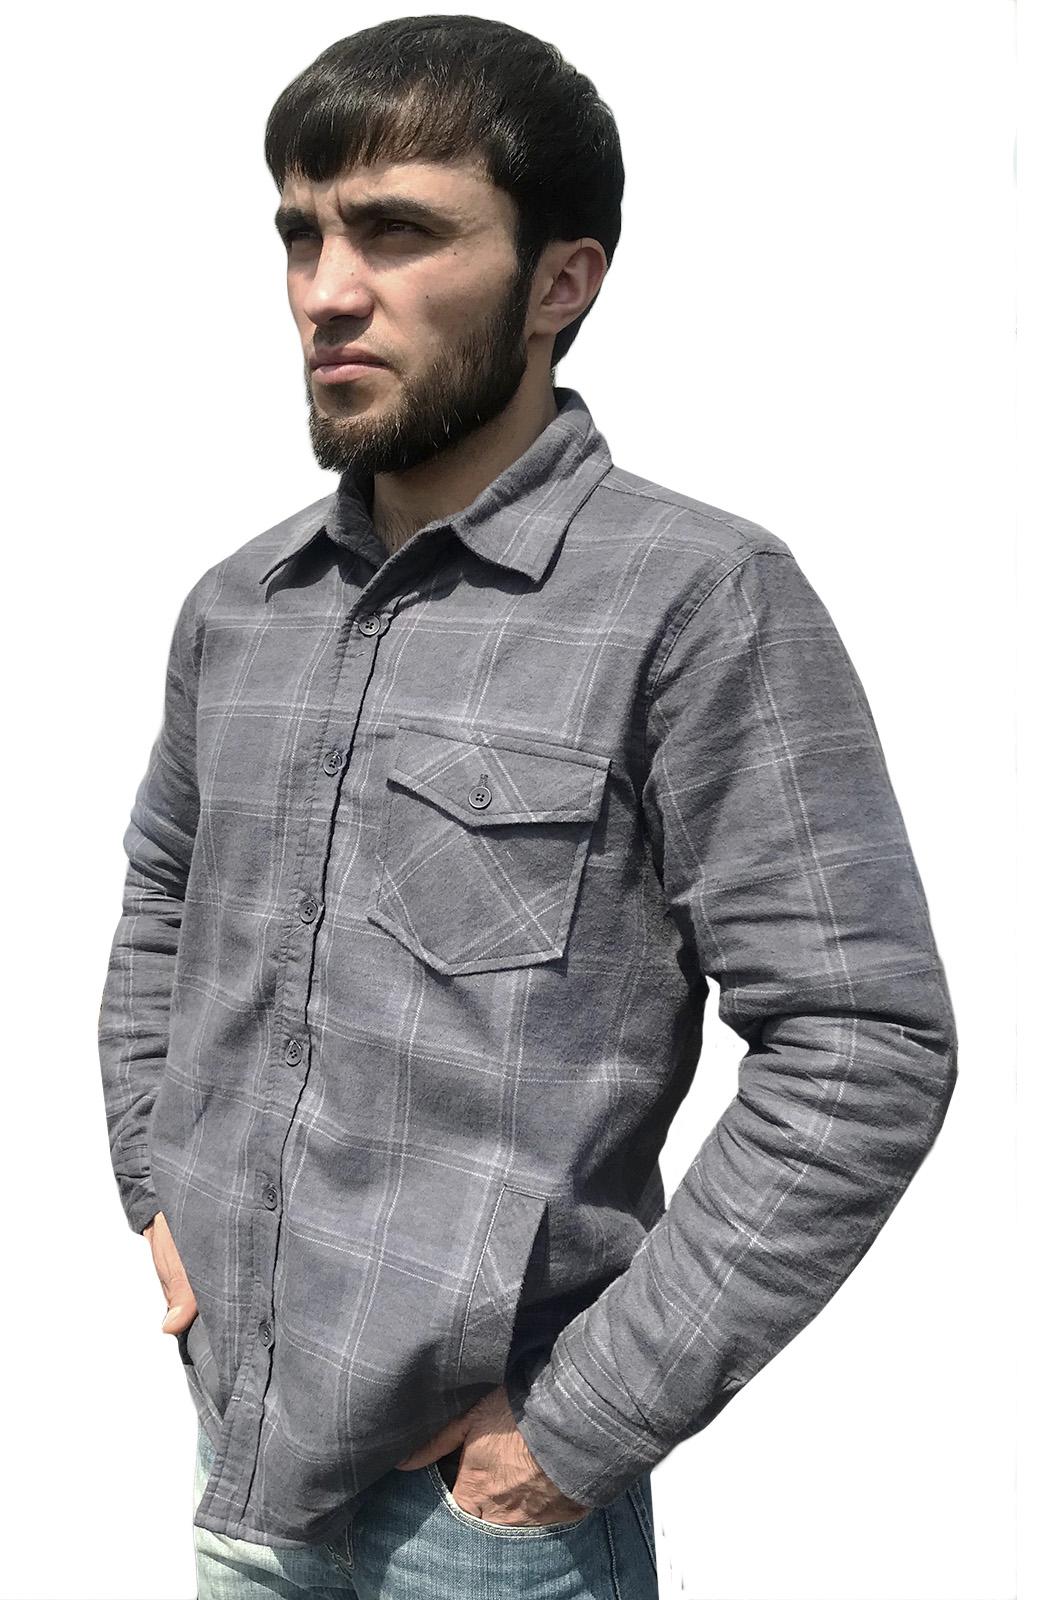 Мужская утепленная рубашка с вышитым шевроном ВДВ 116-й ОПДБ 31 гв. ОДШБр - заказать онлайн